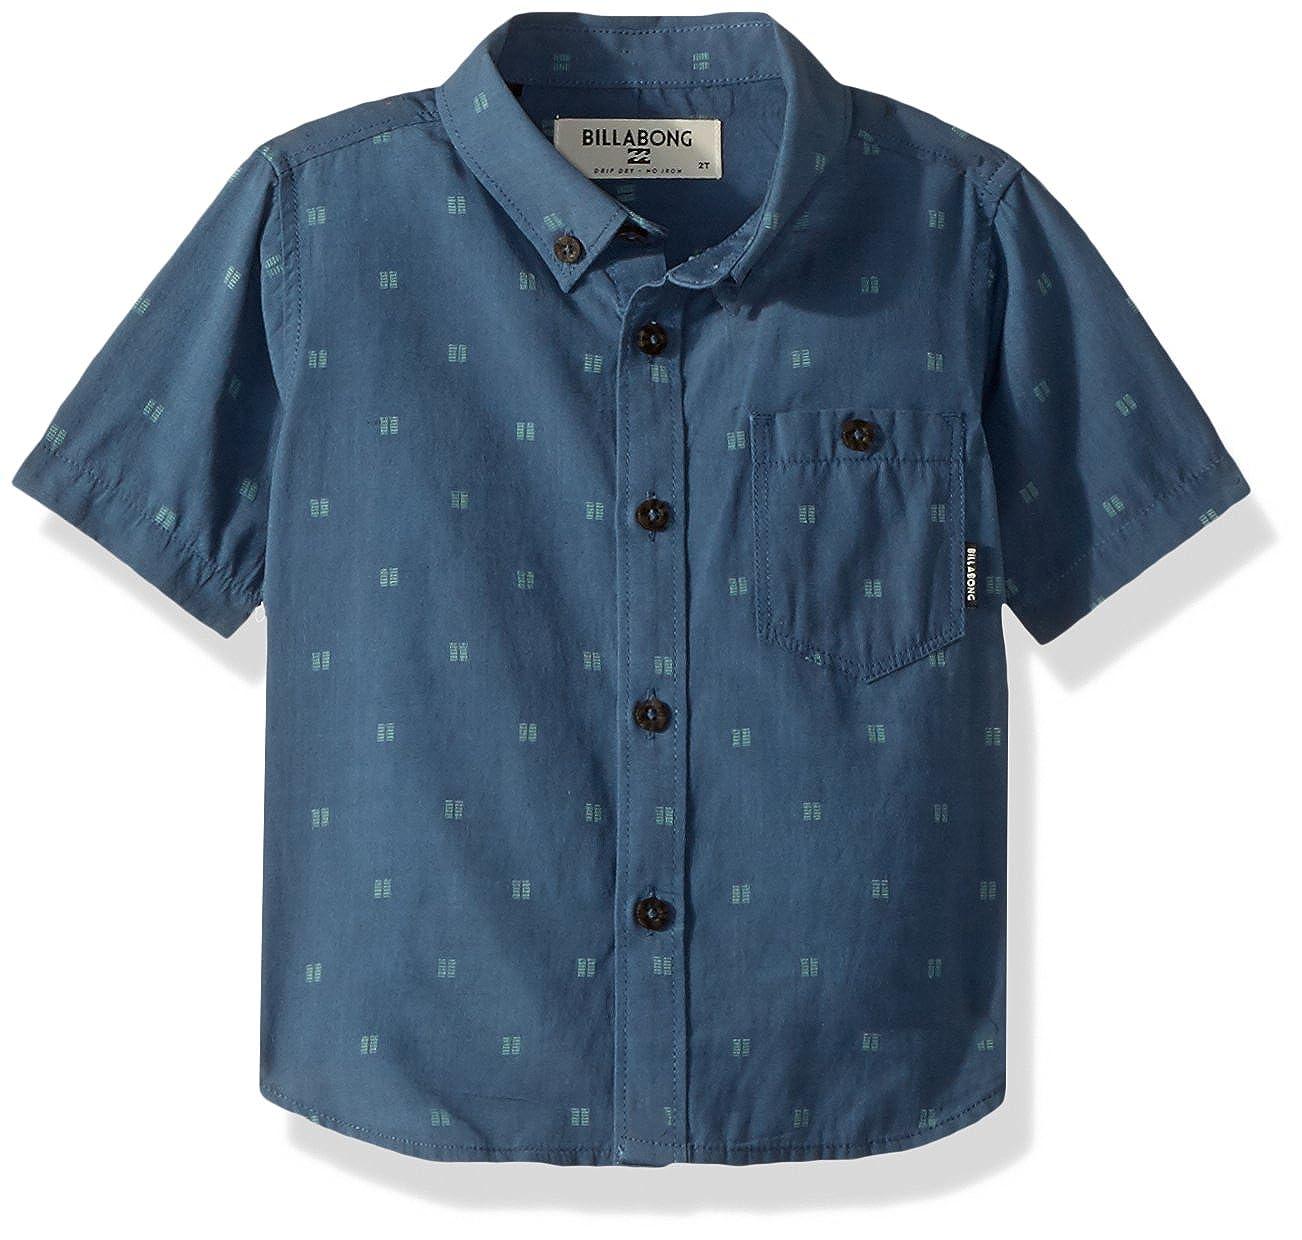 Bleu Foncé 4S US BILLABONG Garçon Manches Courtes Chemise boutonnée